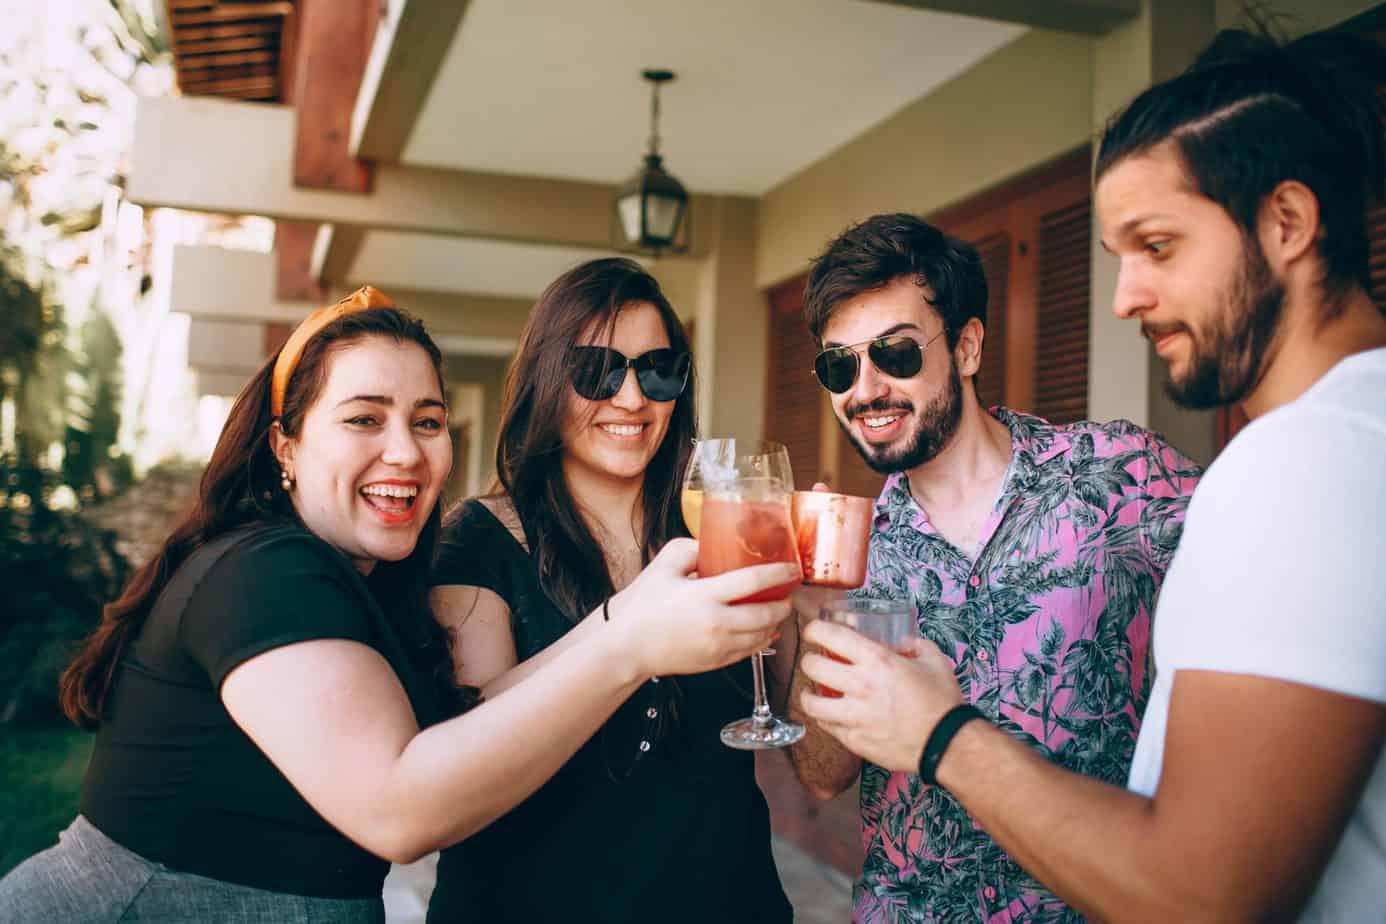 Fødselsdagsfest Firmafest Cocktail Skål - Den bedste firmafest - Firma cocktail bar - Fredagsbar